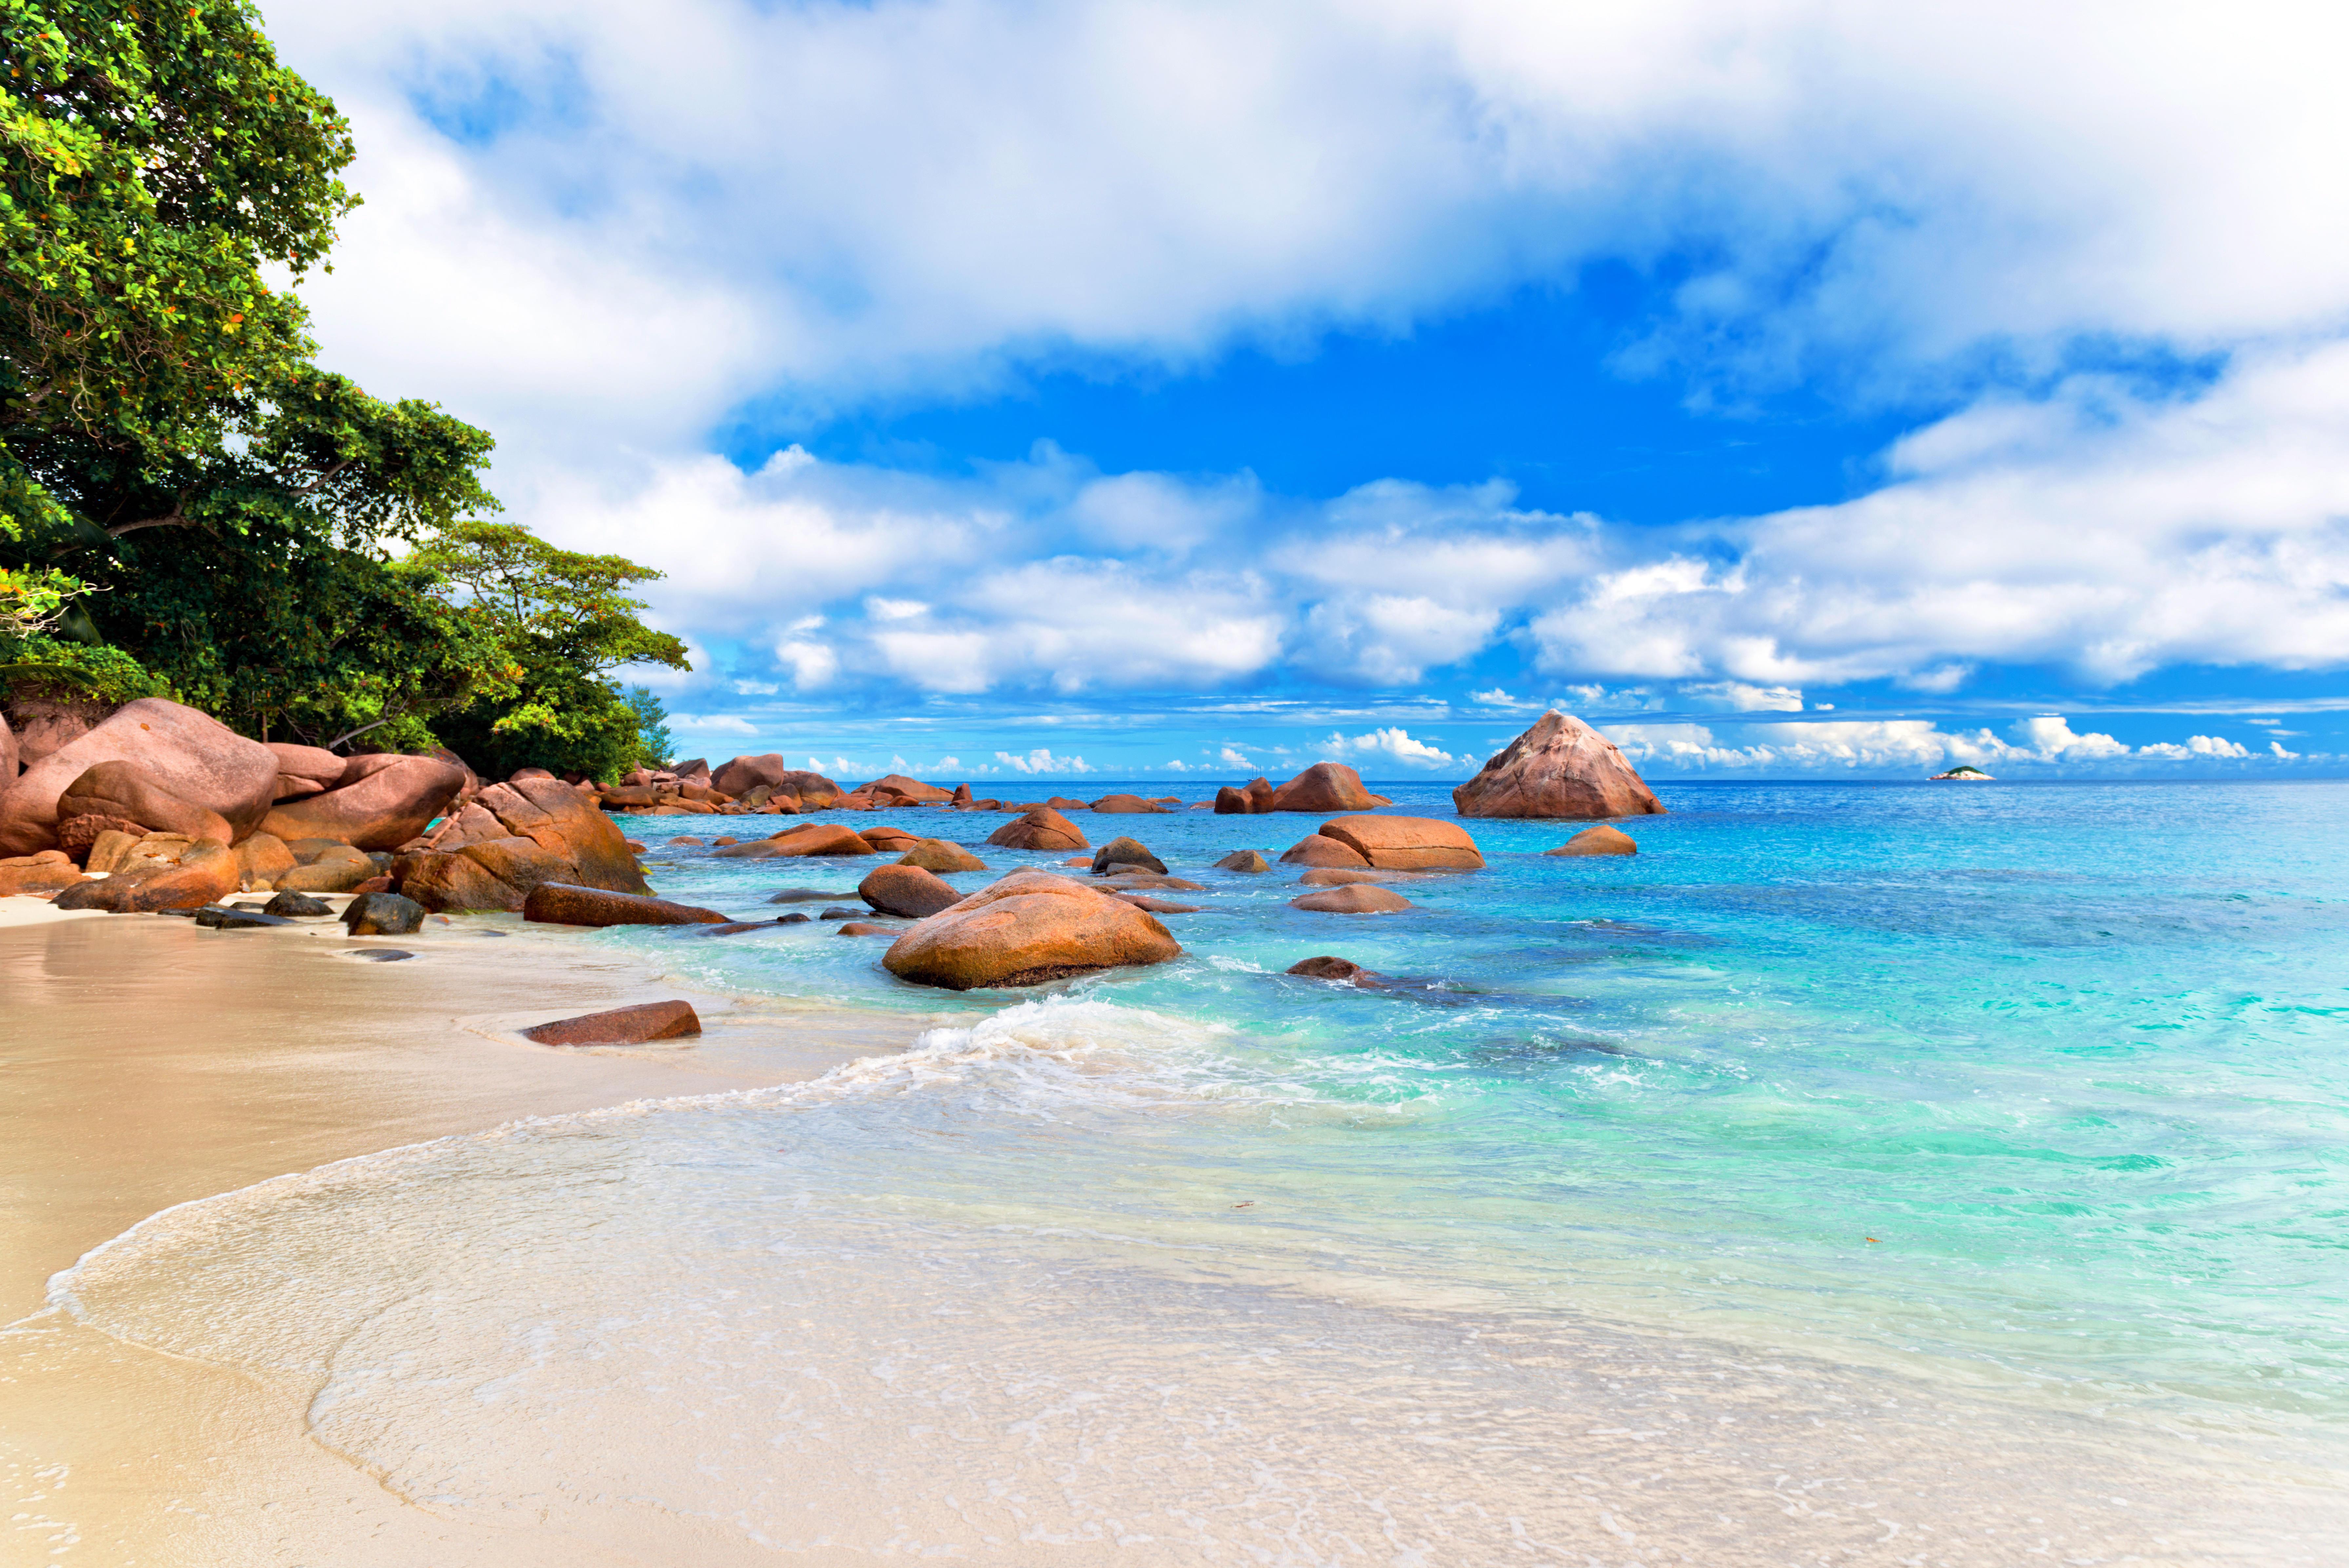 природа море пляж солнце  № 970666 бесплатно